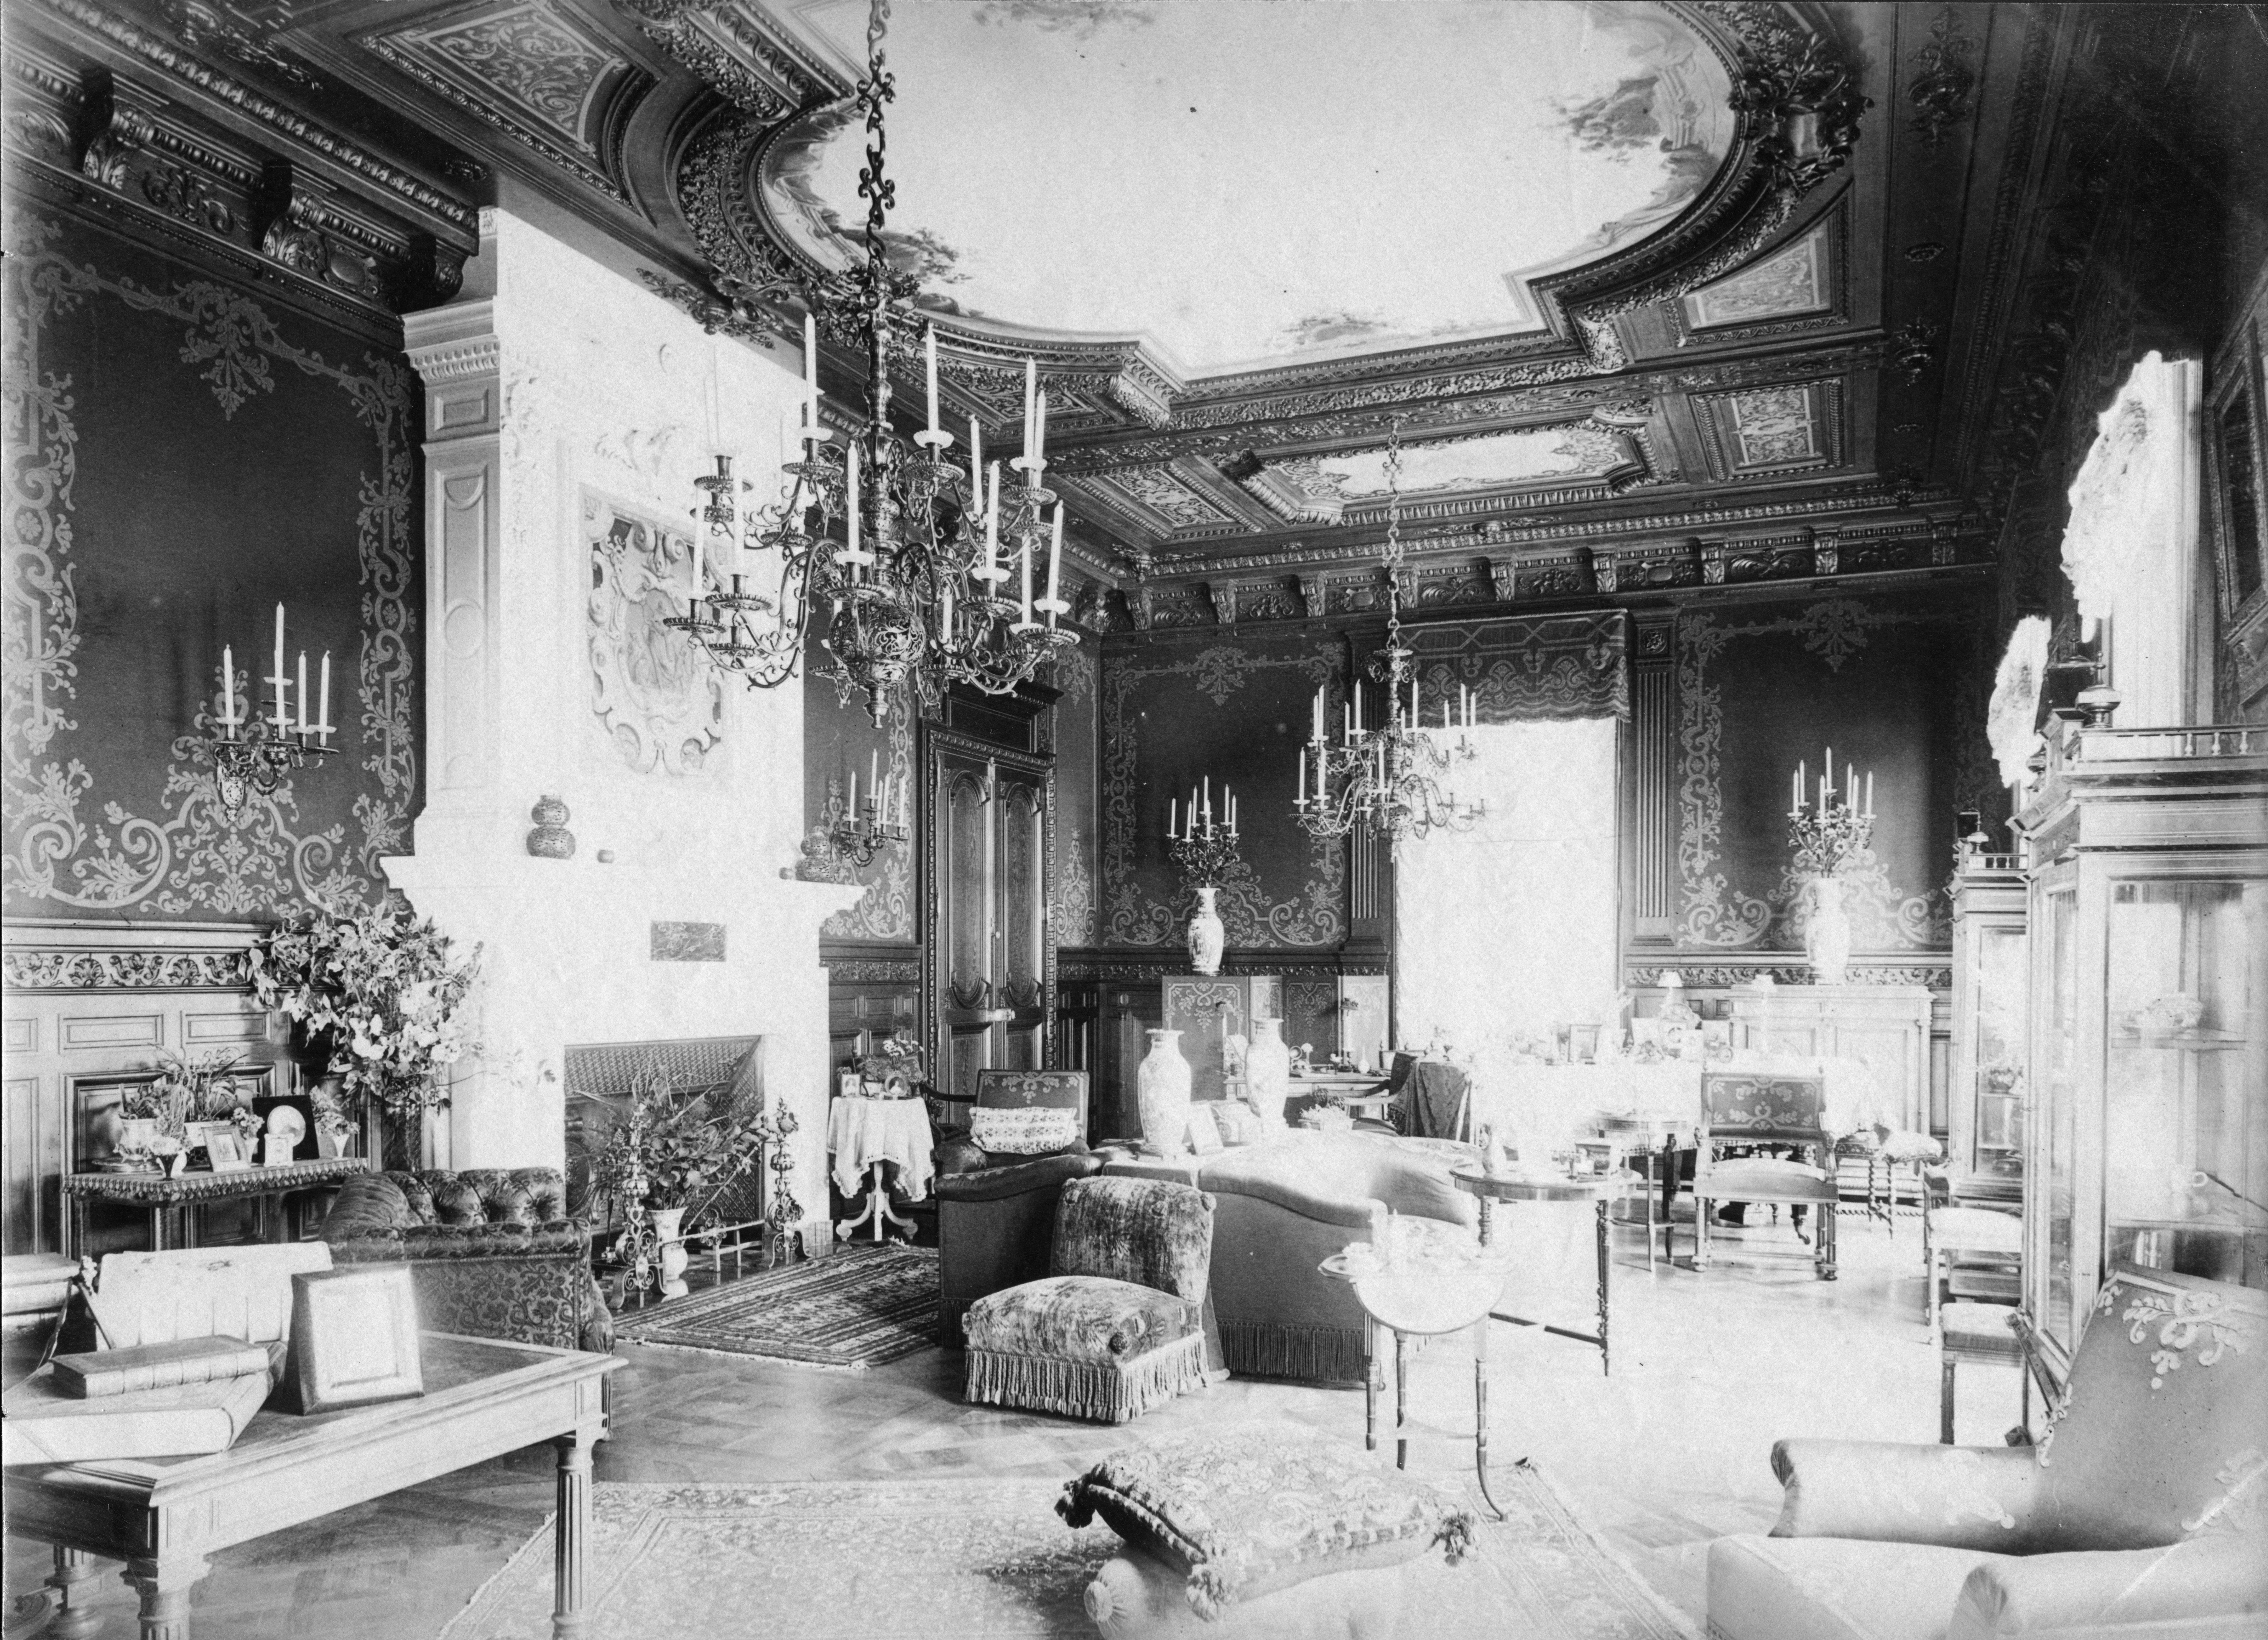 La Tour-de-Peilz - Château de Sully - Grand salon